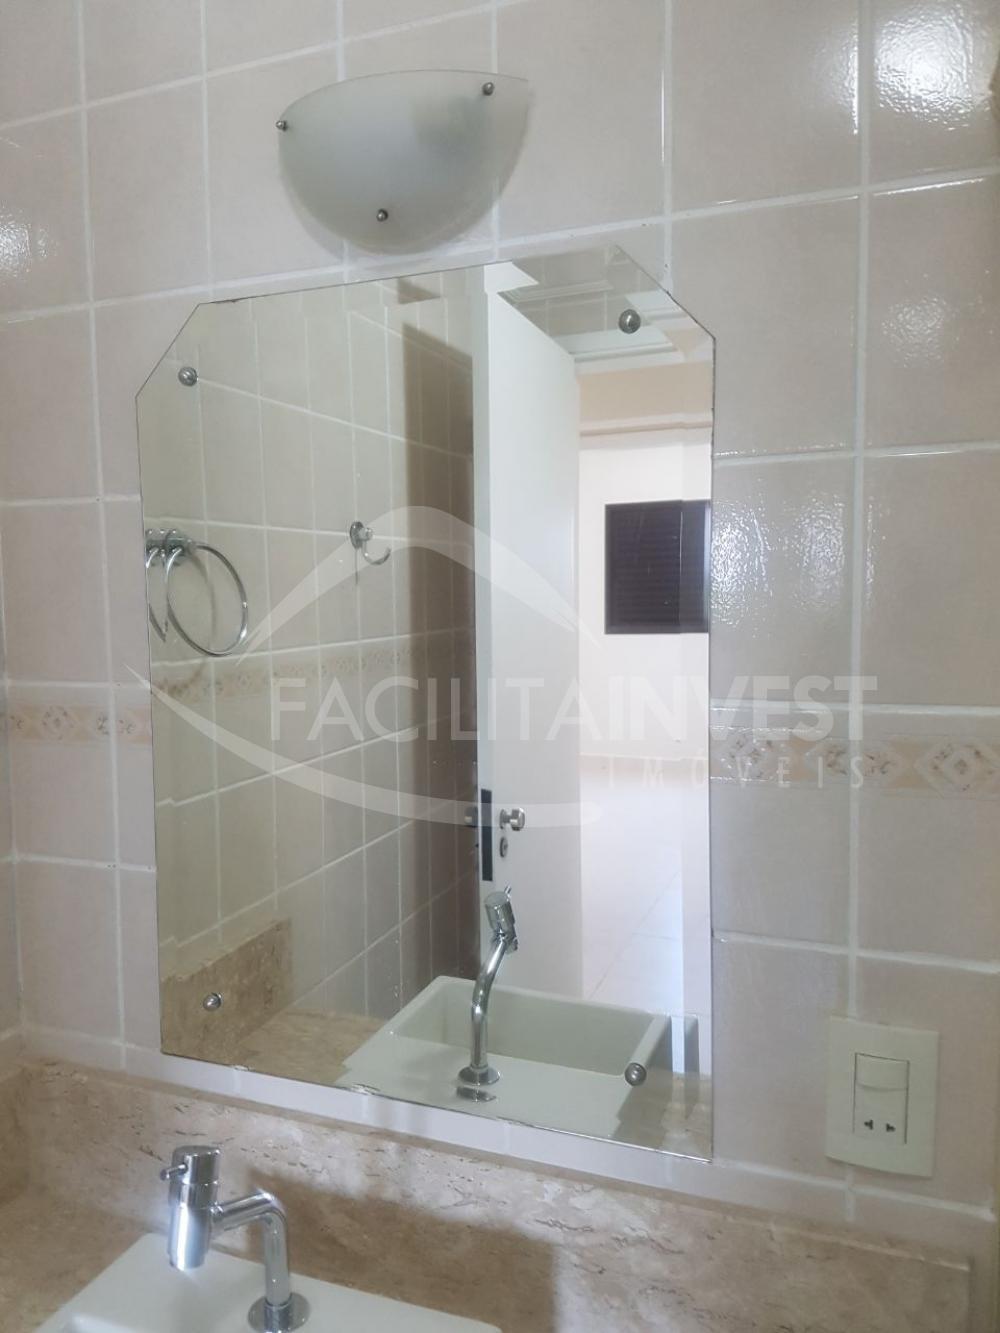 Comprar Apartamentos / Apart. Padrão em Ribeirão Preto apenas R$ 400.000,00 - Foto 13